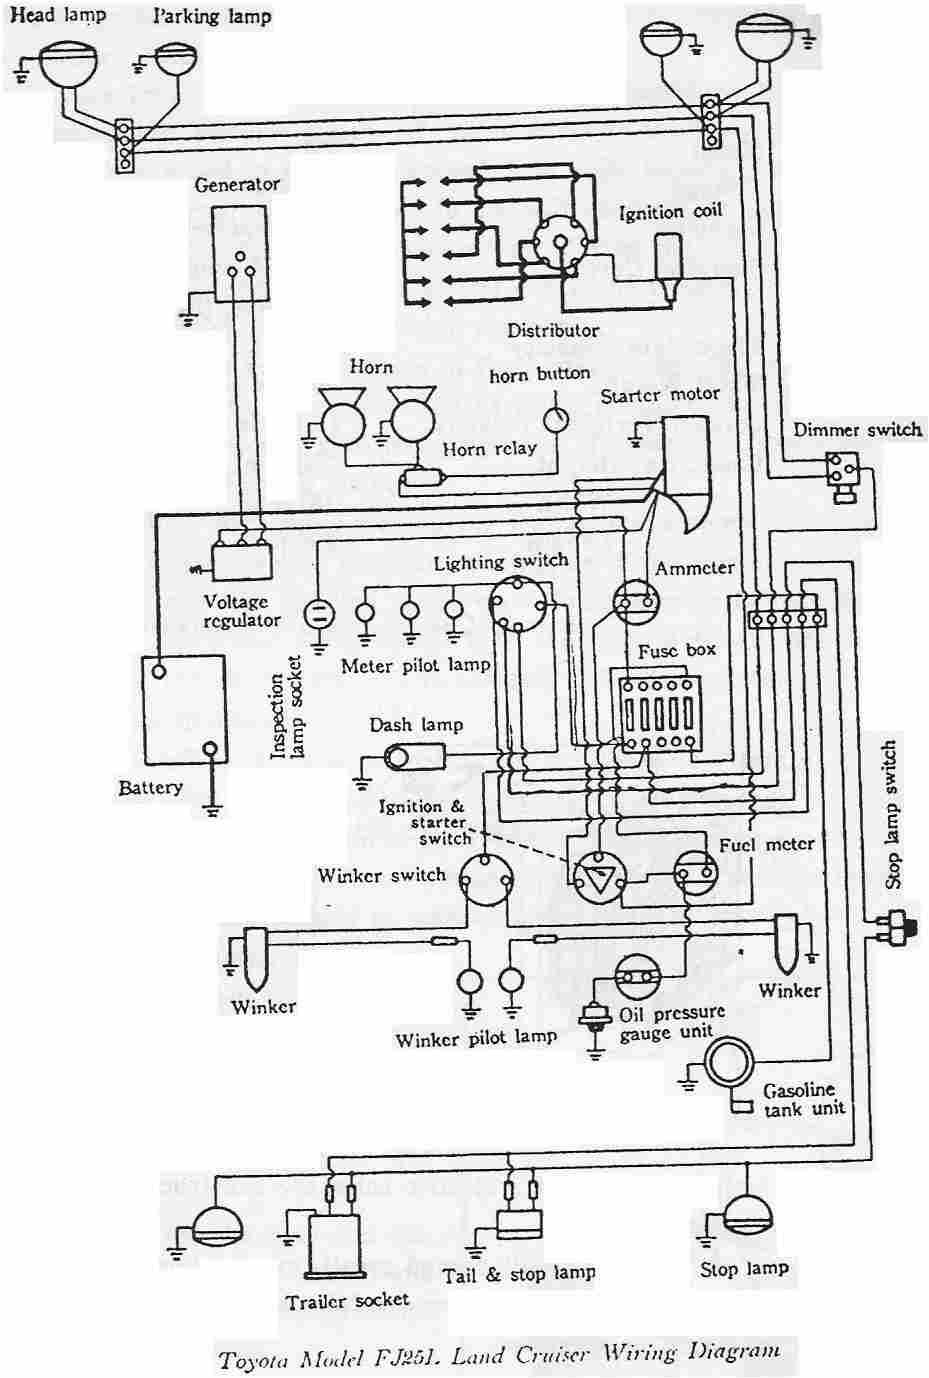 audi q5 fuse diagram html